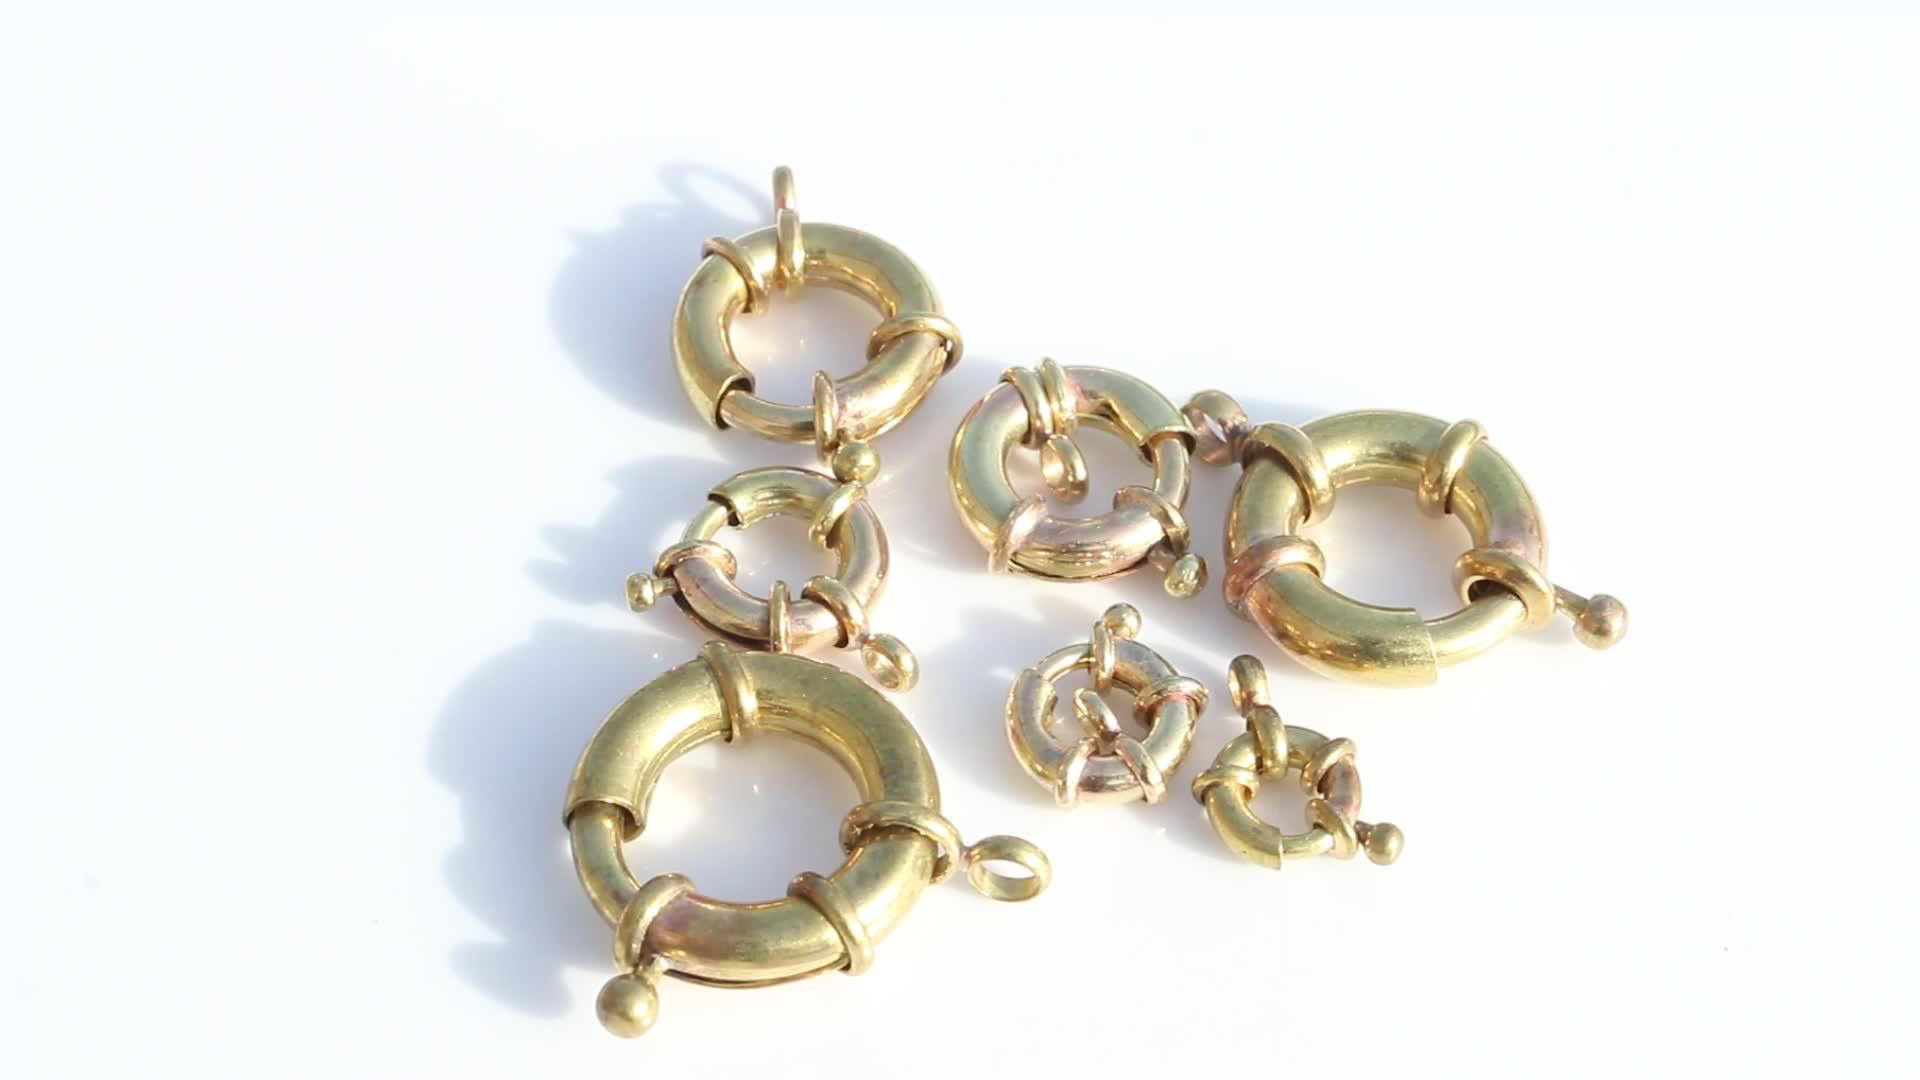 สร้อยคอเครื่องประดับ clasp 13 มม.MATE Gold ฤดูใบไม้ผลิล้อแหวน Clasps